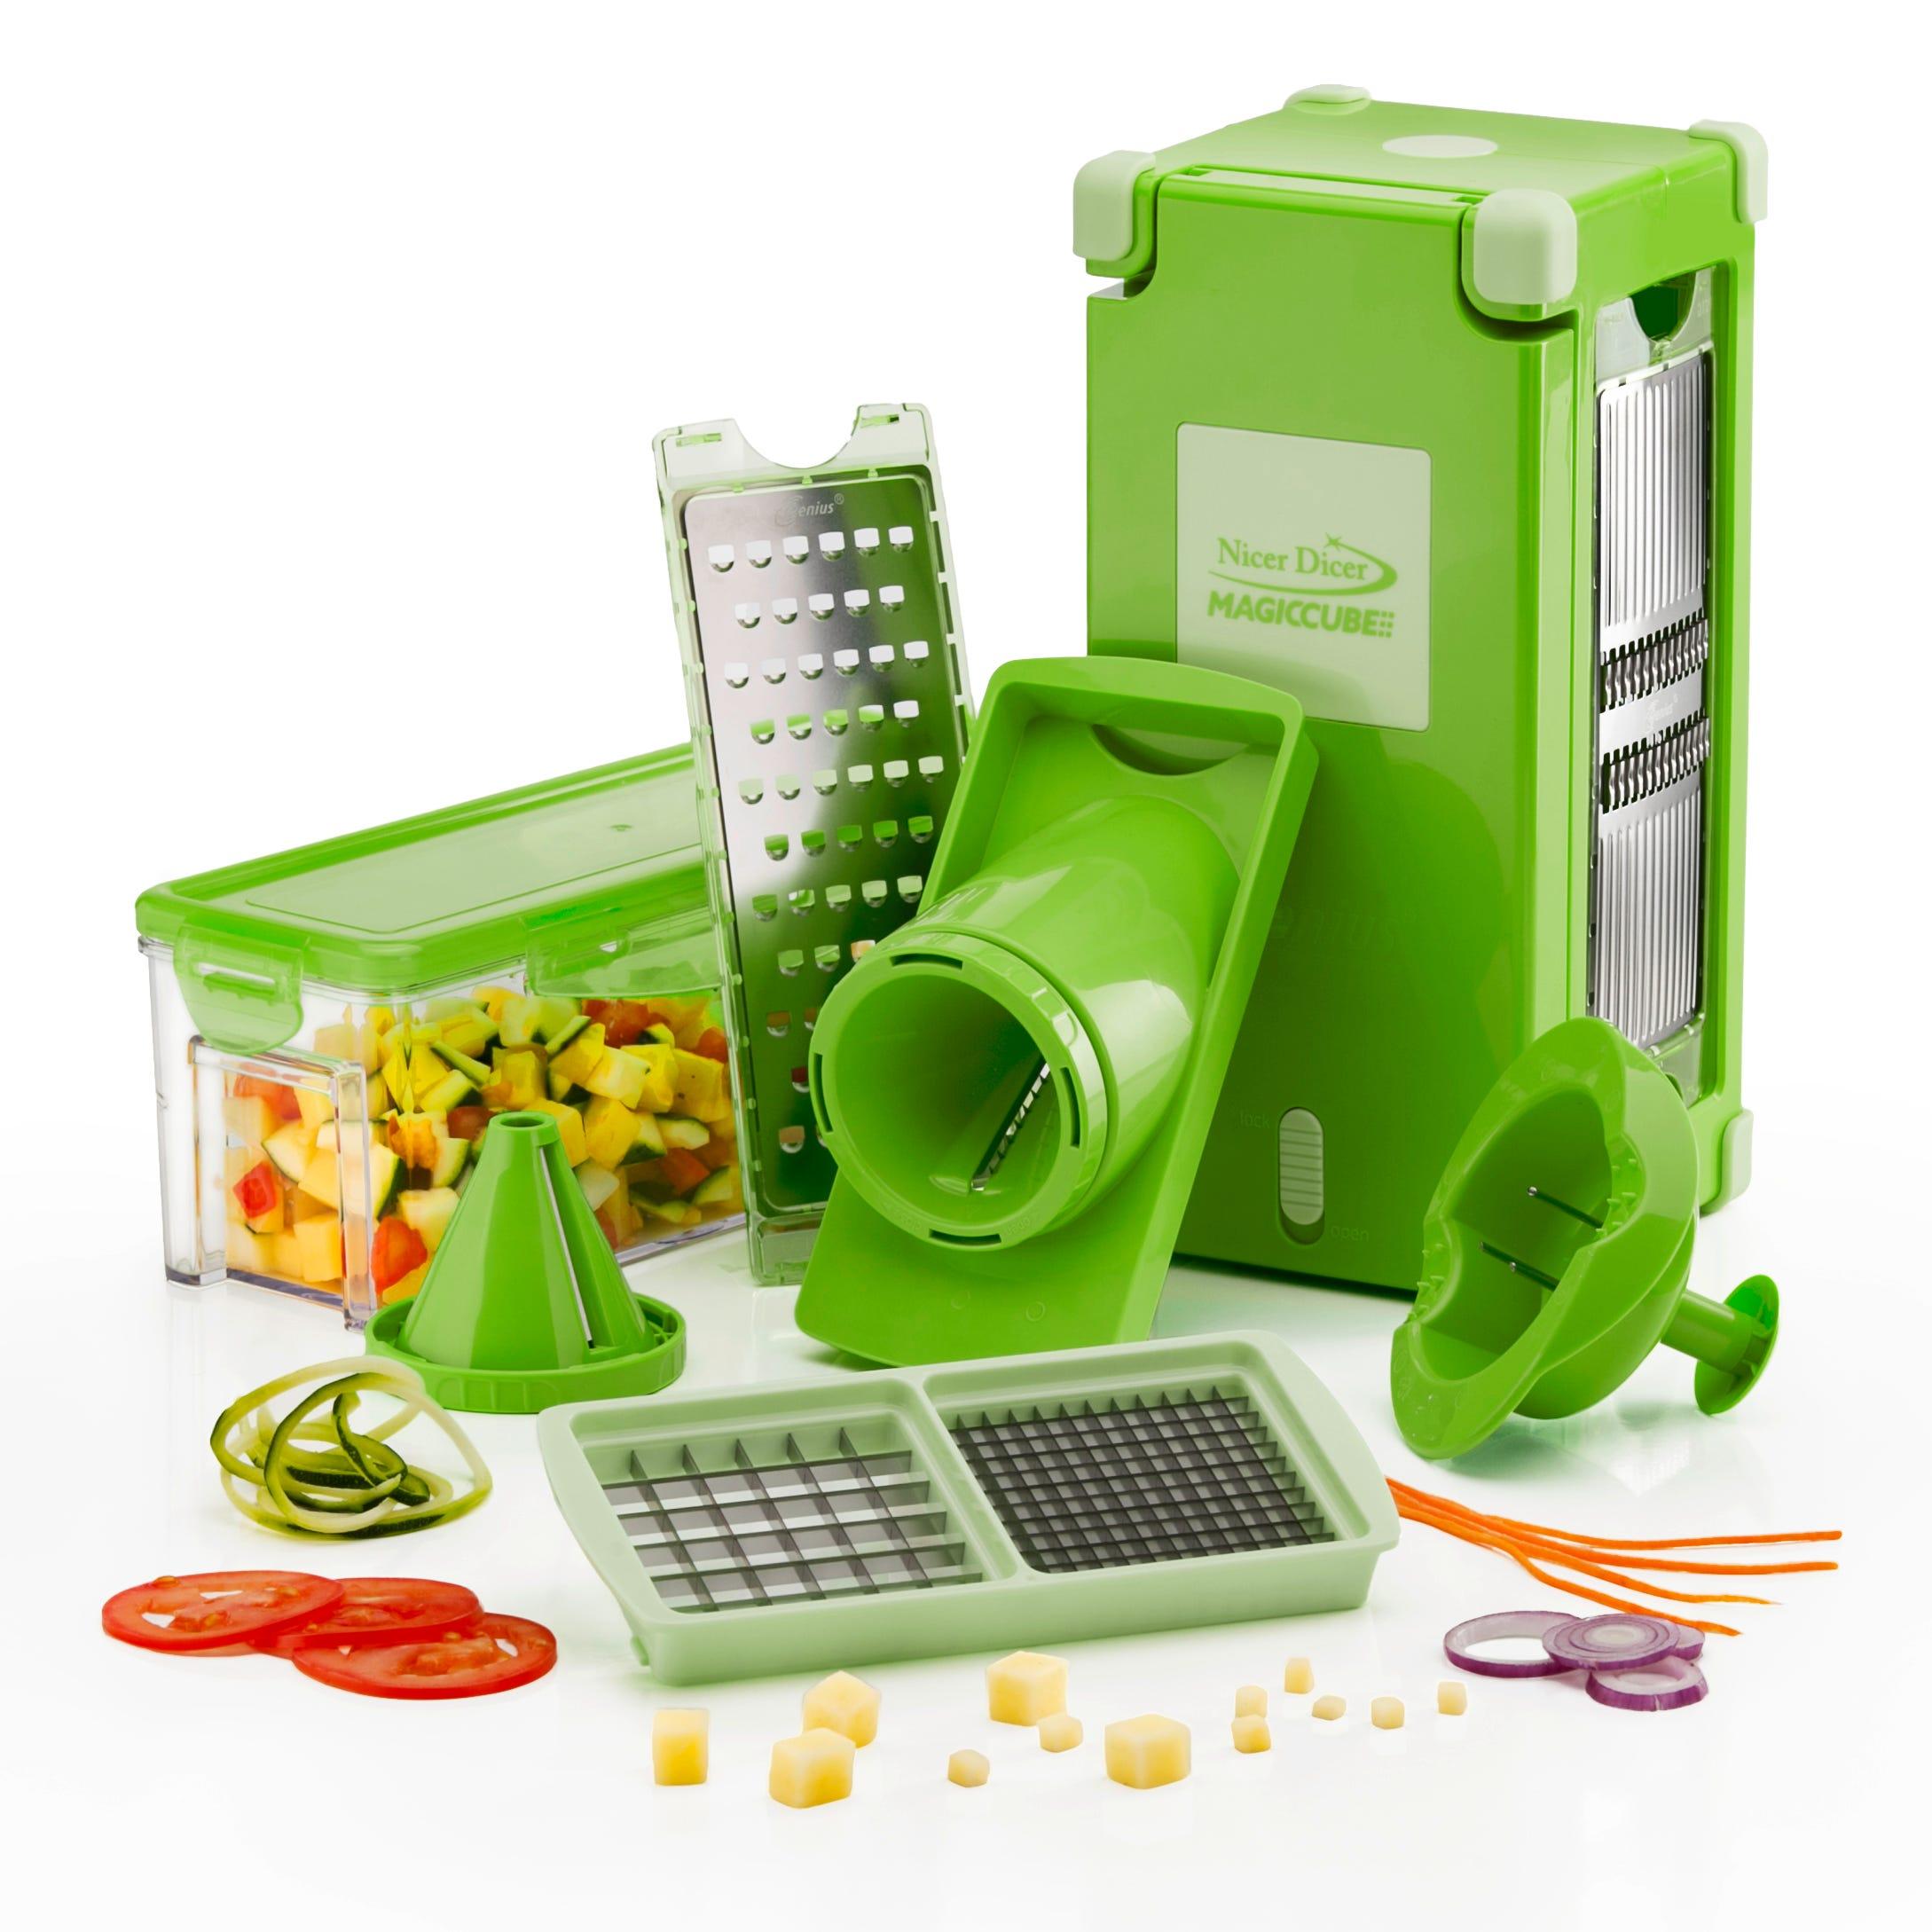 Cortador y rebanador de alimentos Nicer Dicer Magic Cube multiusos